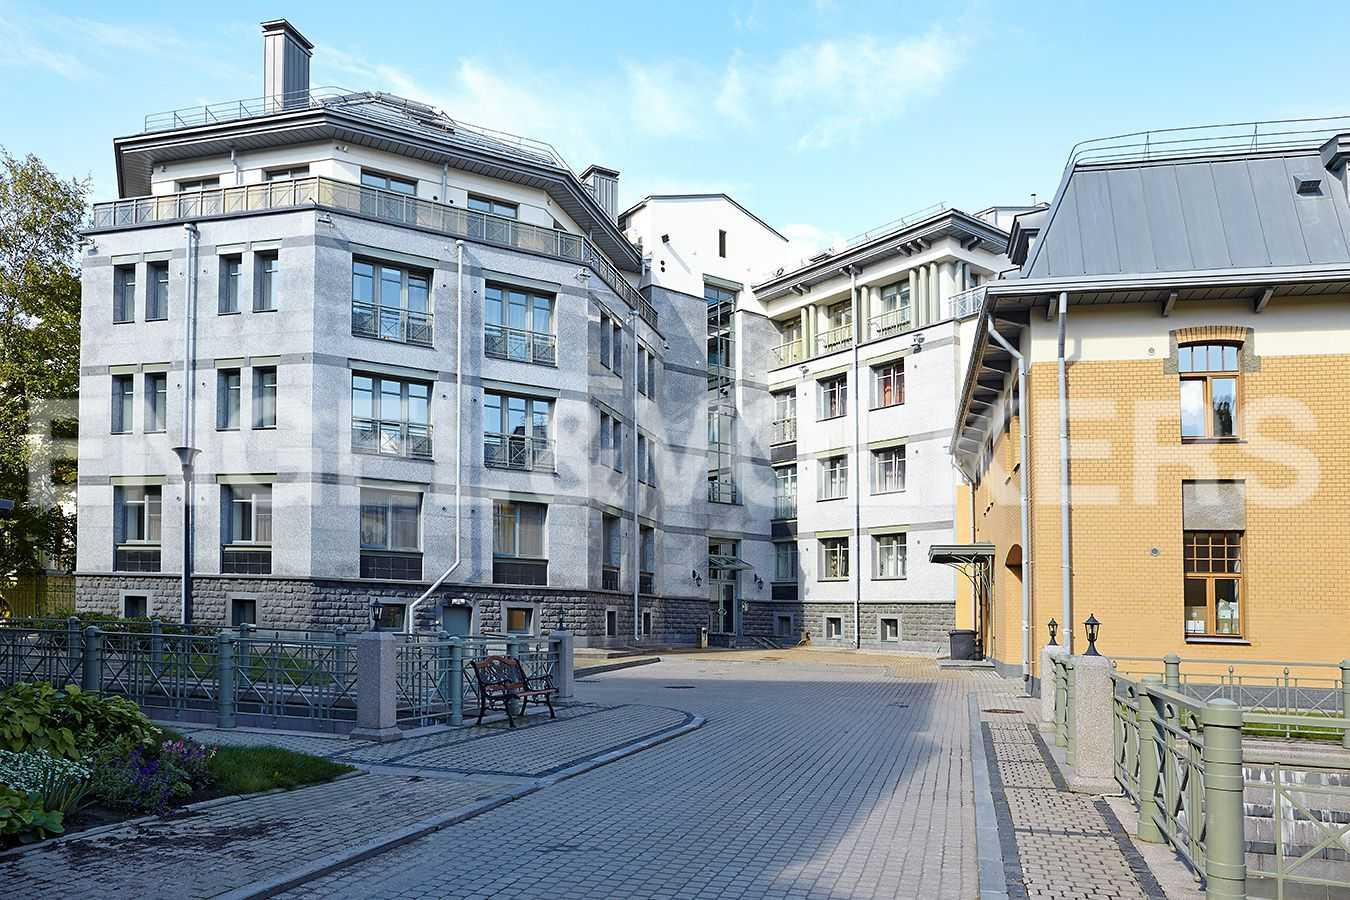 Элитные квартиры на . Санкт-Петербург, 2-ая Березовая аллея, 13-15. Территория комплекса